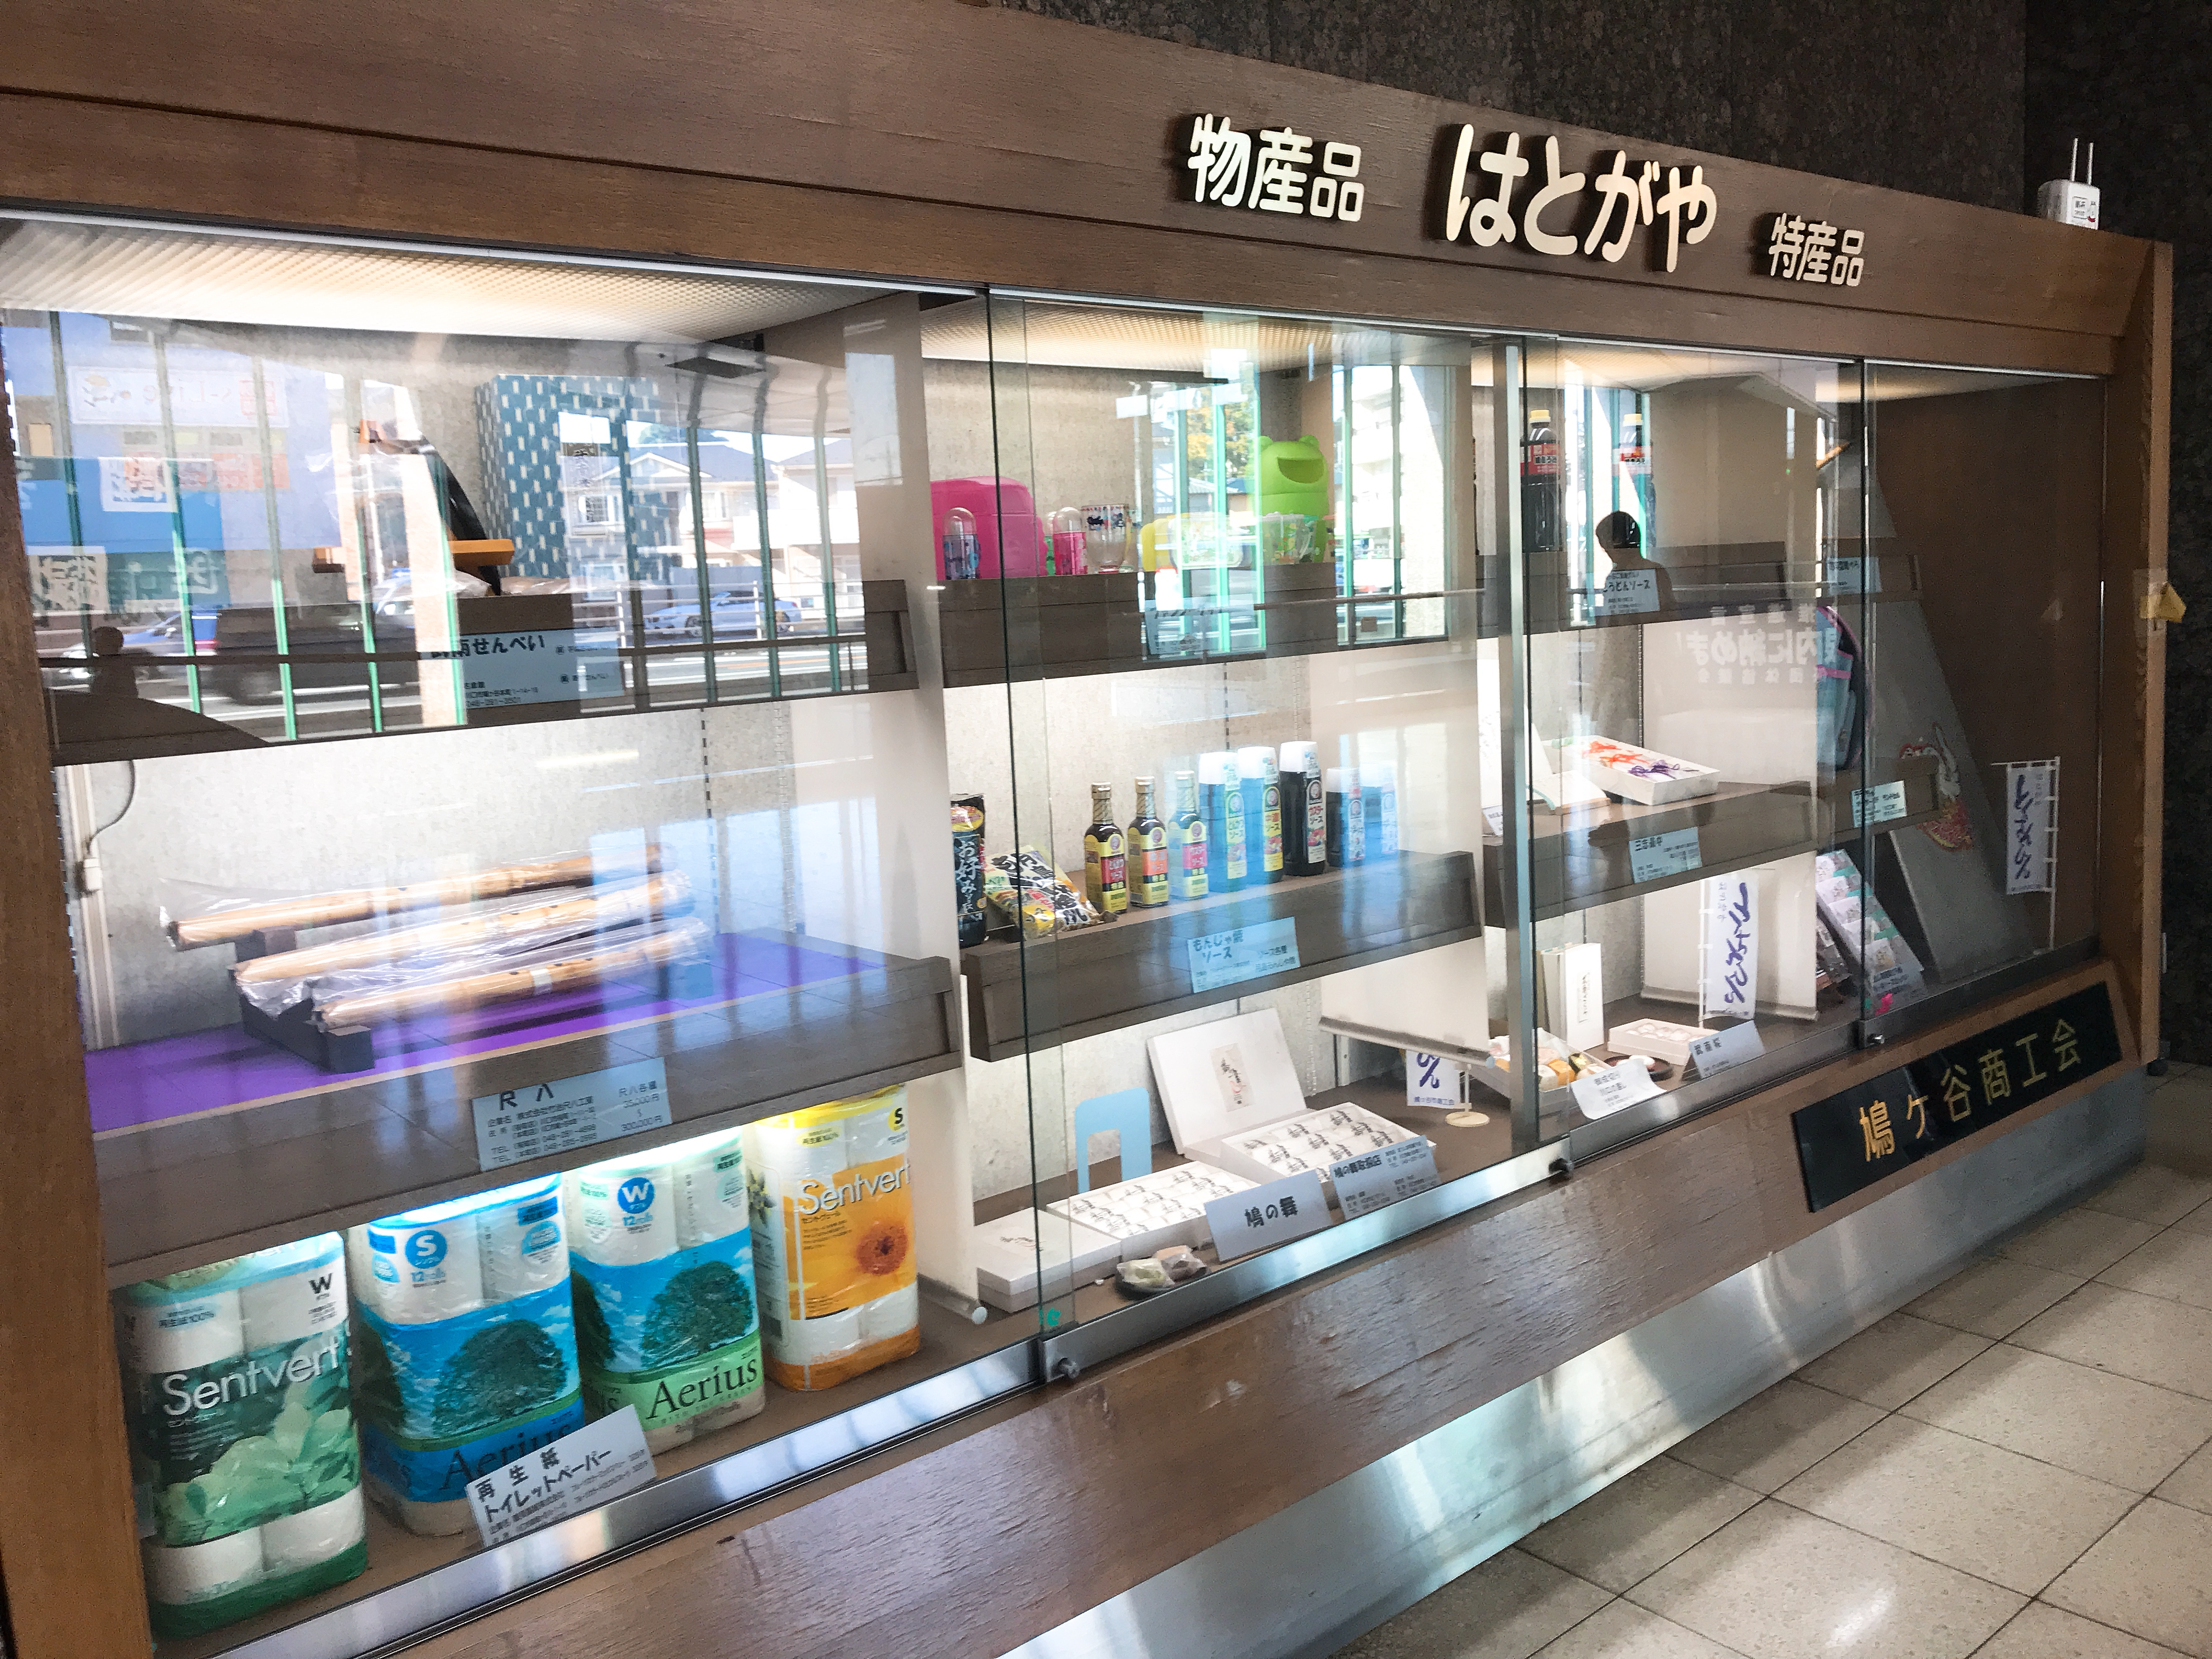 【鳩ヶ谷の特産品】駅ナカでたくさん見つけました!